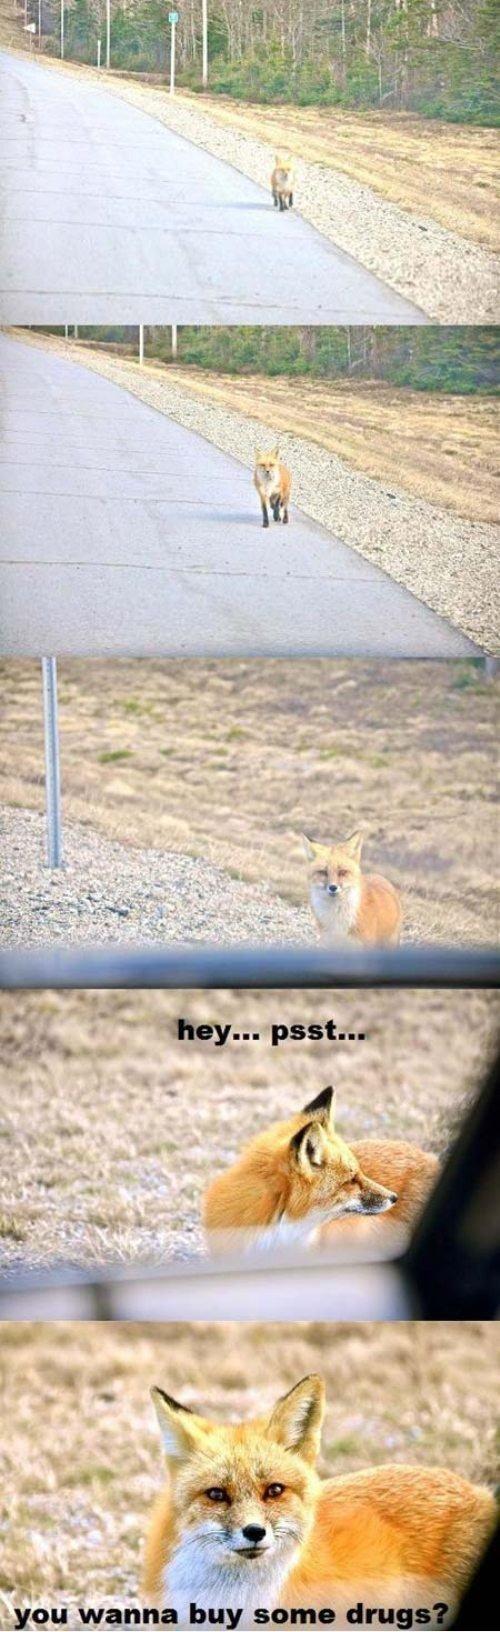 Hey...psst. .. That depends. Do you wanna do a barrel roll?